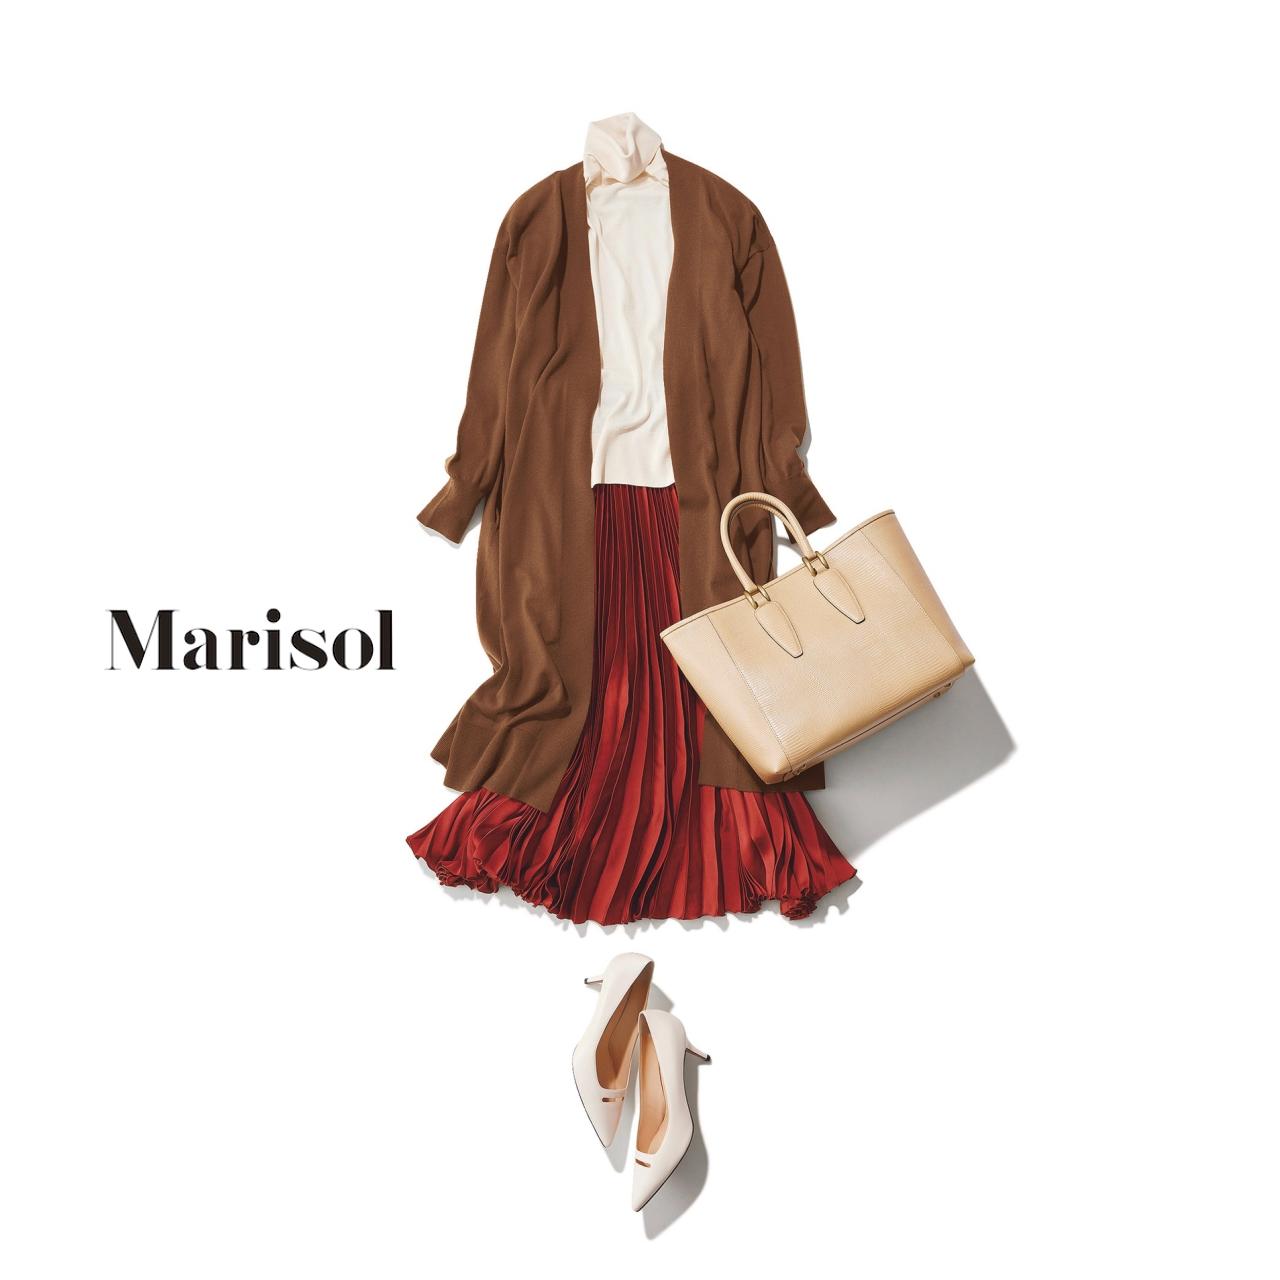 40代ファッション 白タートルネックニット×赤プリーツスカート×ブラウンカーディガンコーデ